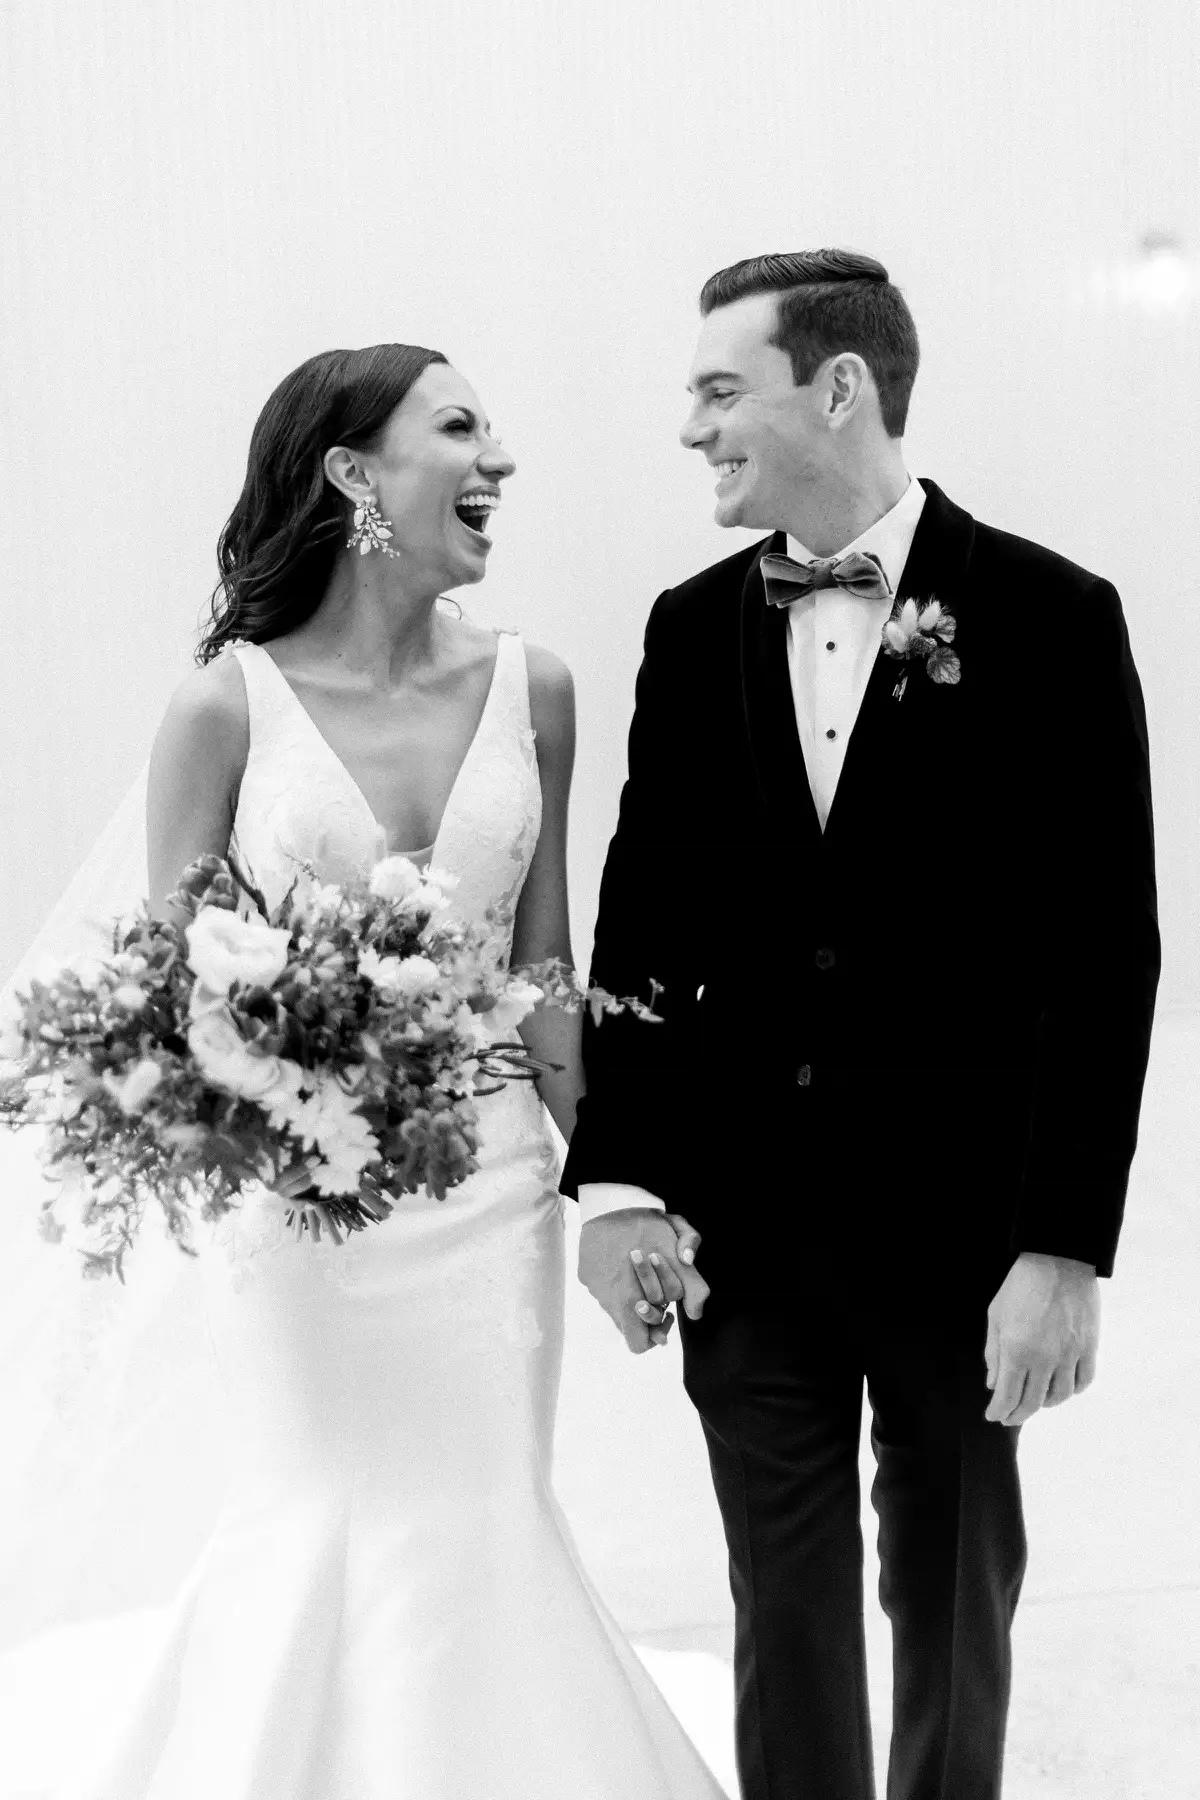 7QtegHXpVRk - Как найти веселого ведущего на свою свадьбу